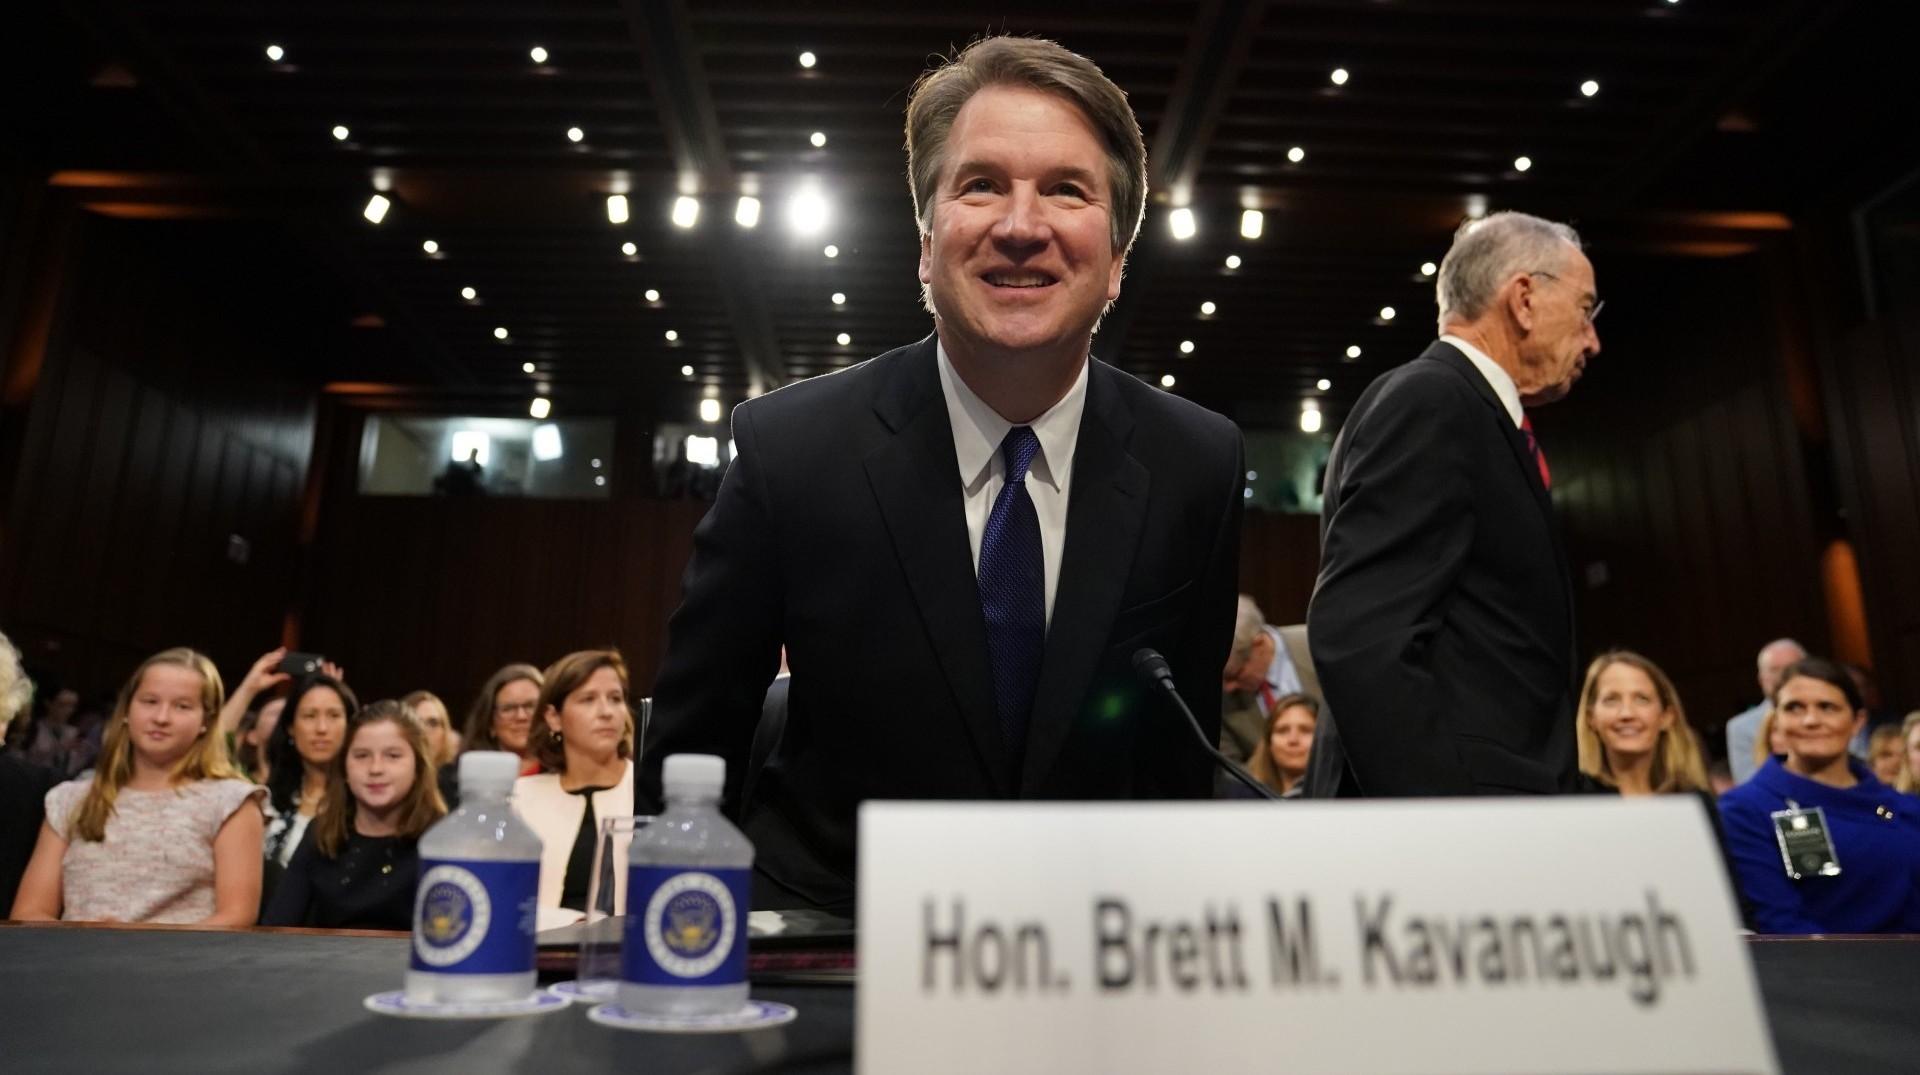 Brett Kavanaugh, nominado por Donald Trump para integrar la Corte Suprema de Justicia, durante una audiencia en el Comité de Justicia del Senado, el 4 de septiembre (AP Photo/Andrew Harnik)